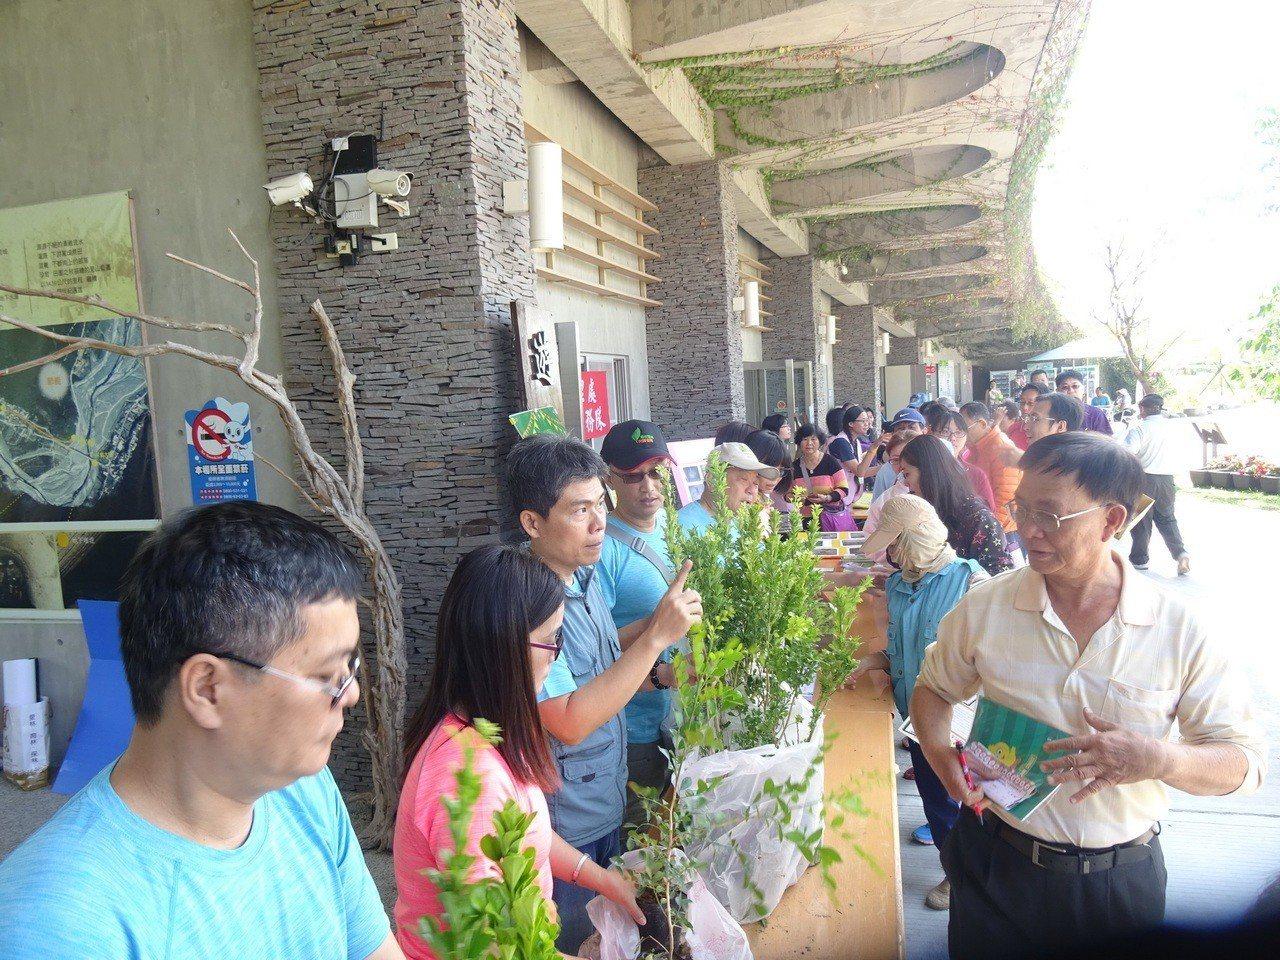 屏東林管處今天在林後四林平地森林等地送樹苗,吸引許多民眾參加。圖/屏東林管處提供